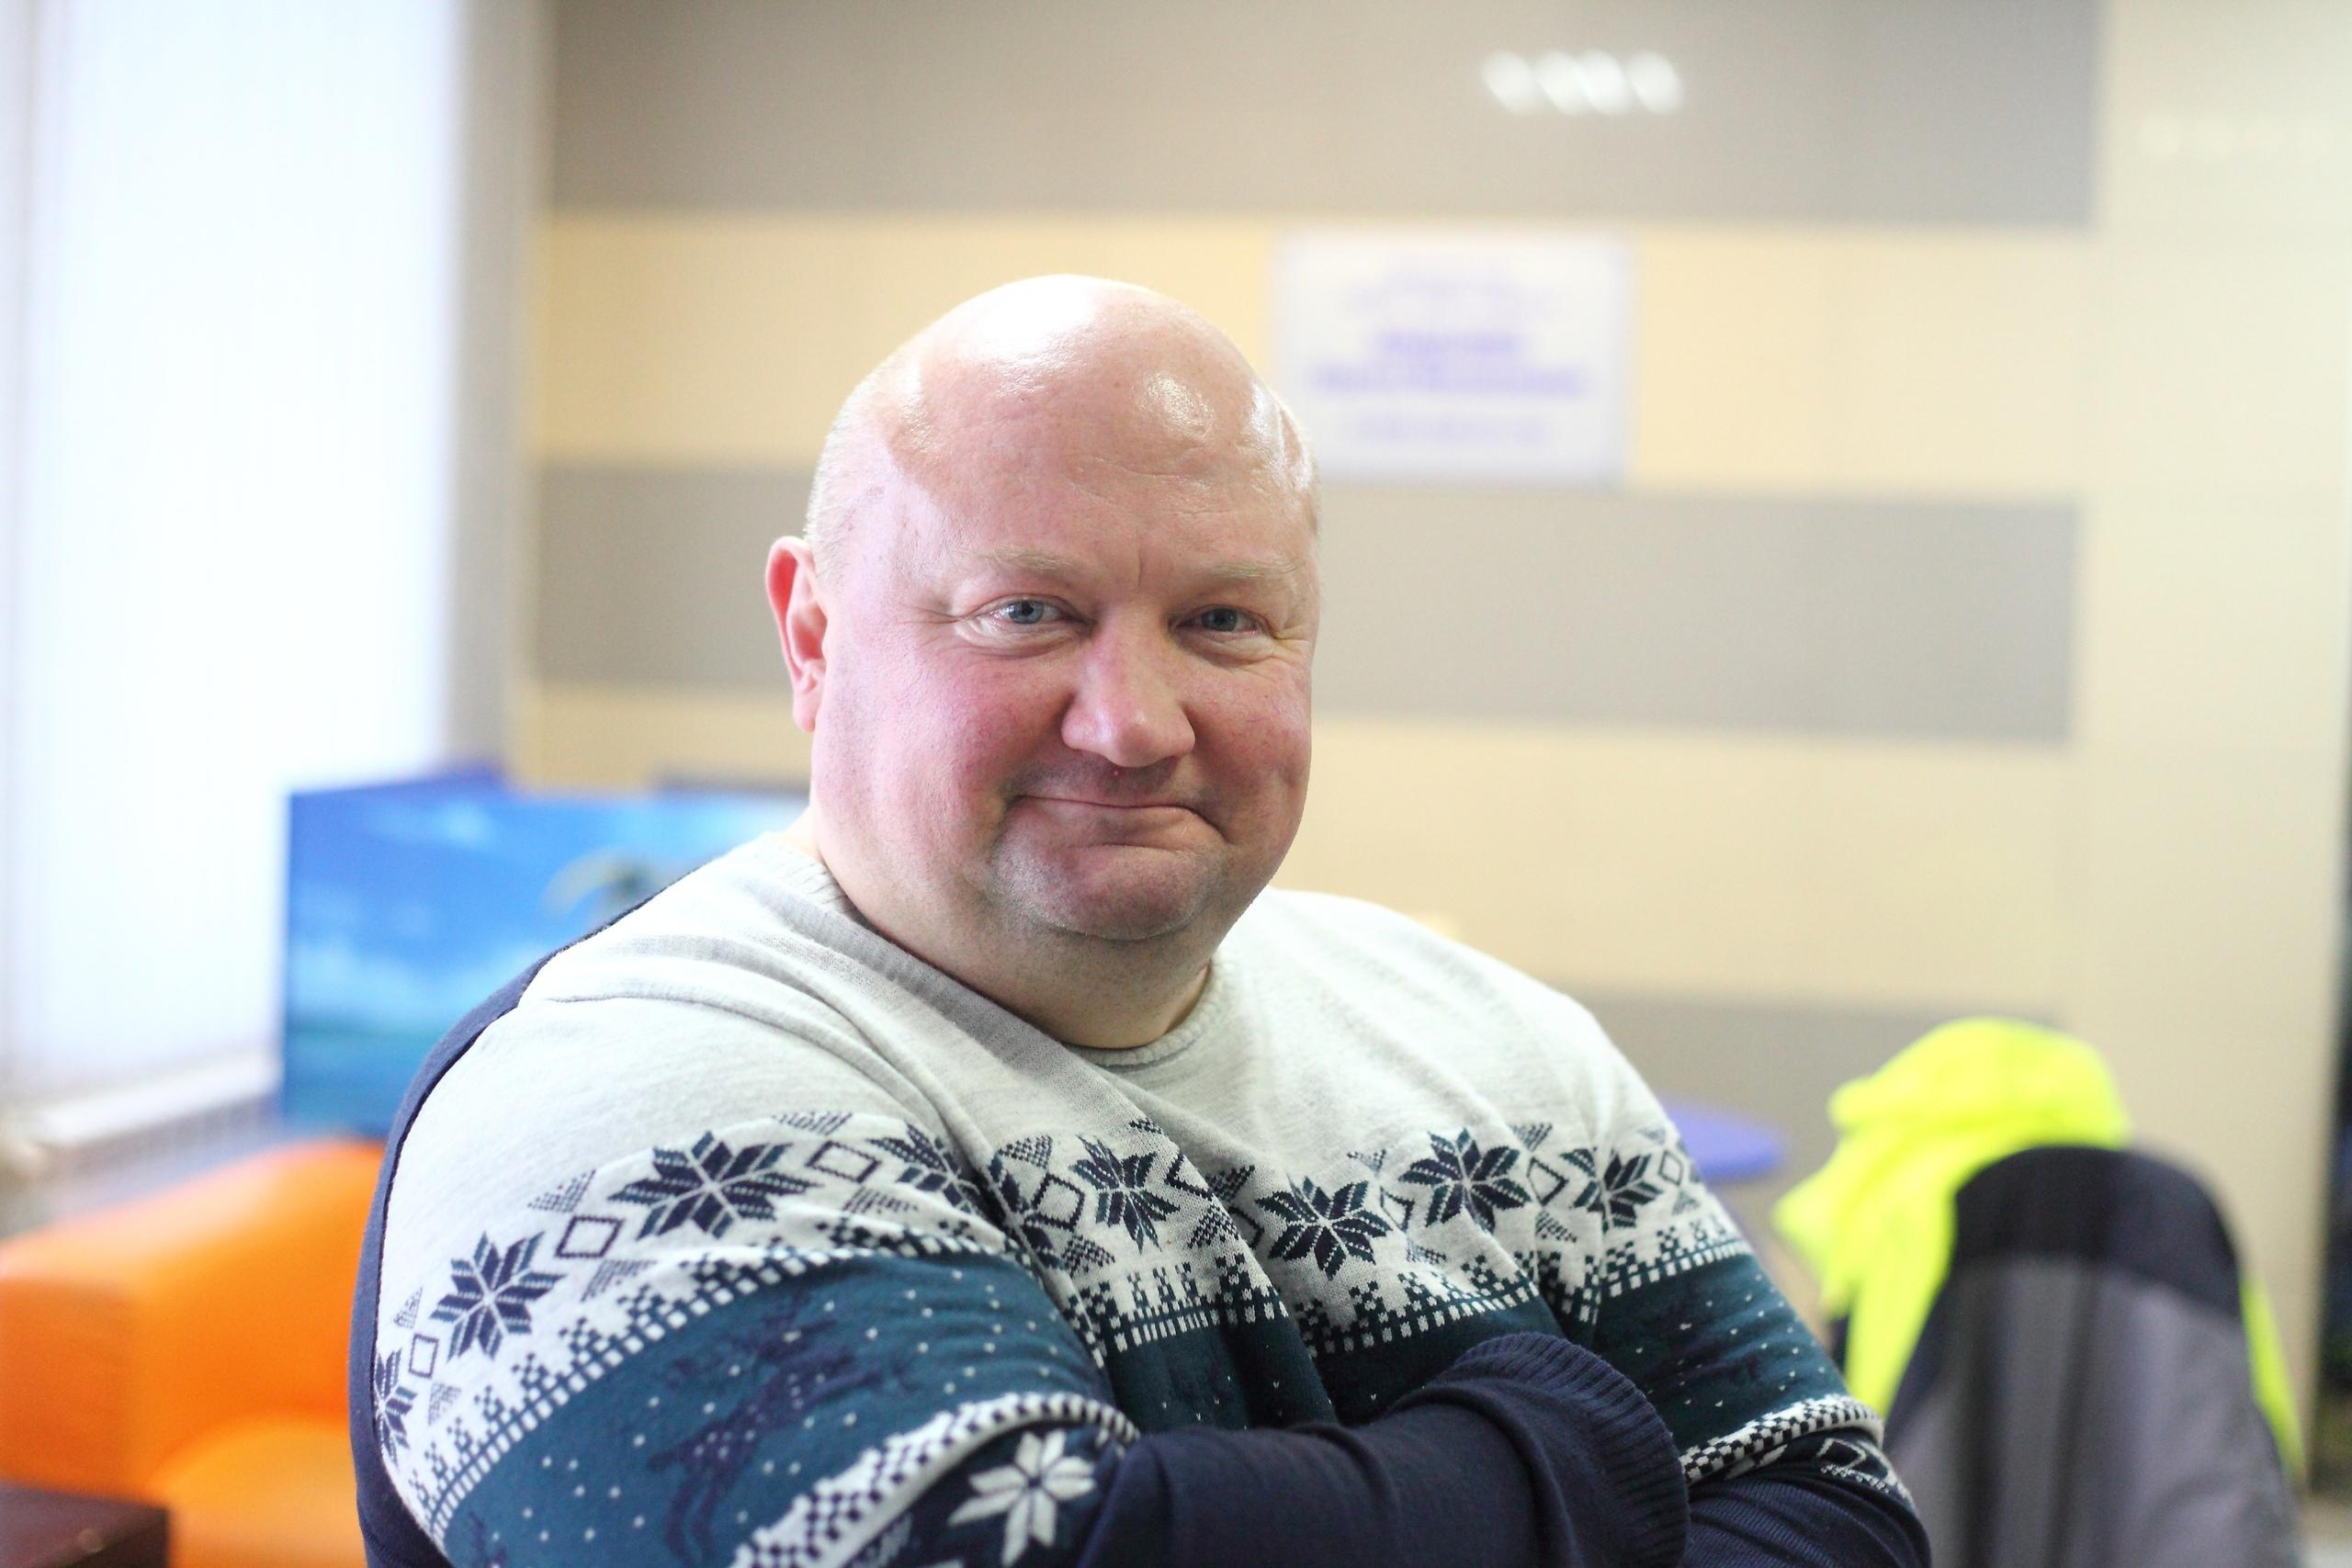 В Тверской области внезапно ушёл из жизни спортсмен Сергей Аладышев